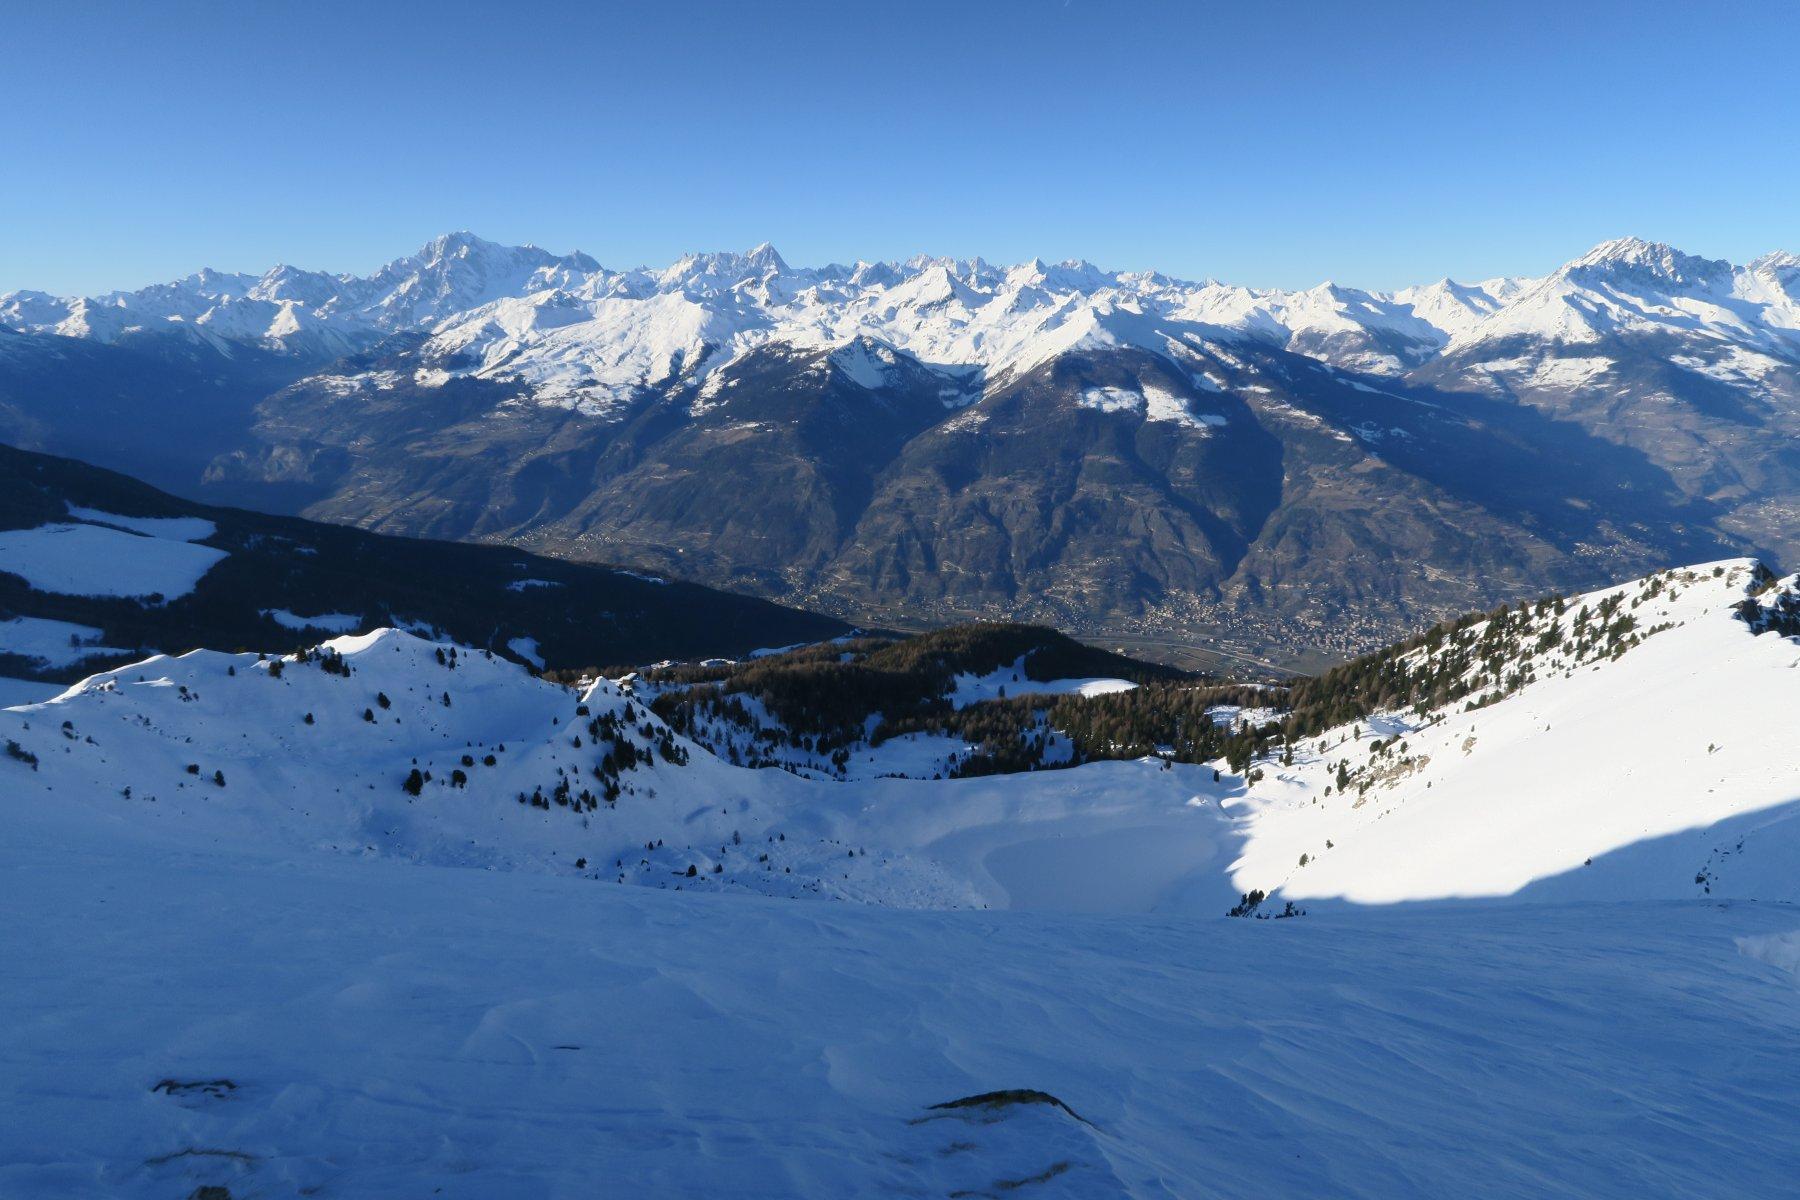 di ritorno al Colle di Chamolé mi aspetta una splendida discesa su neve farinosa